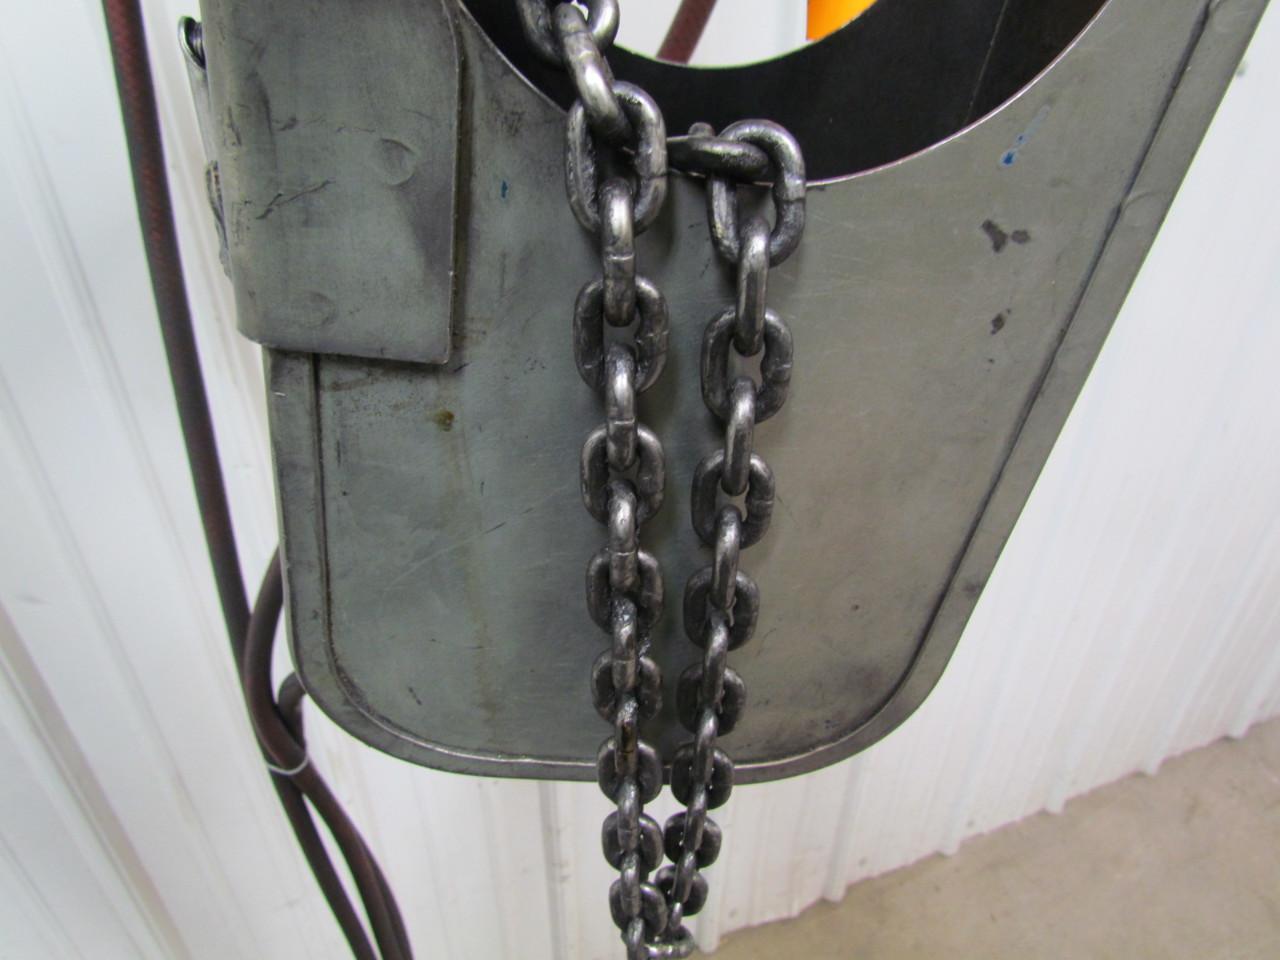 gardner denver300lb air pneumatic chain hoist pendant fast